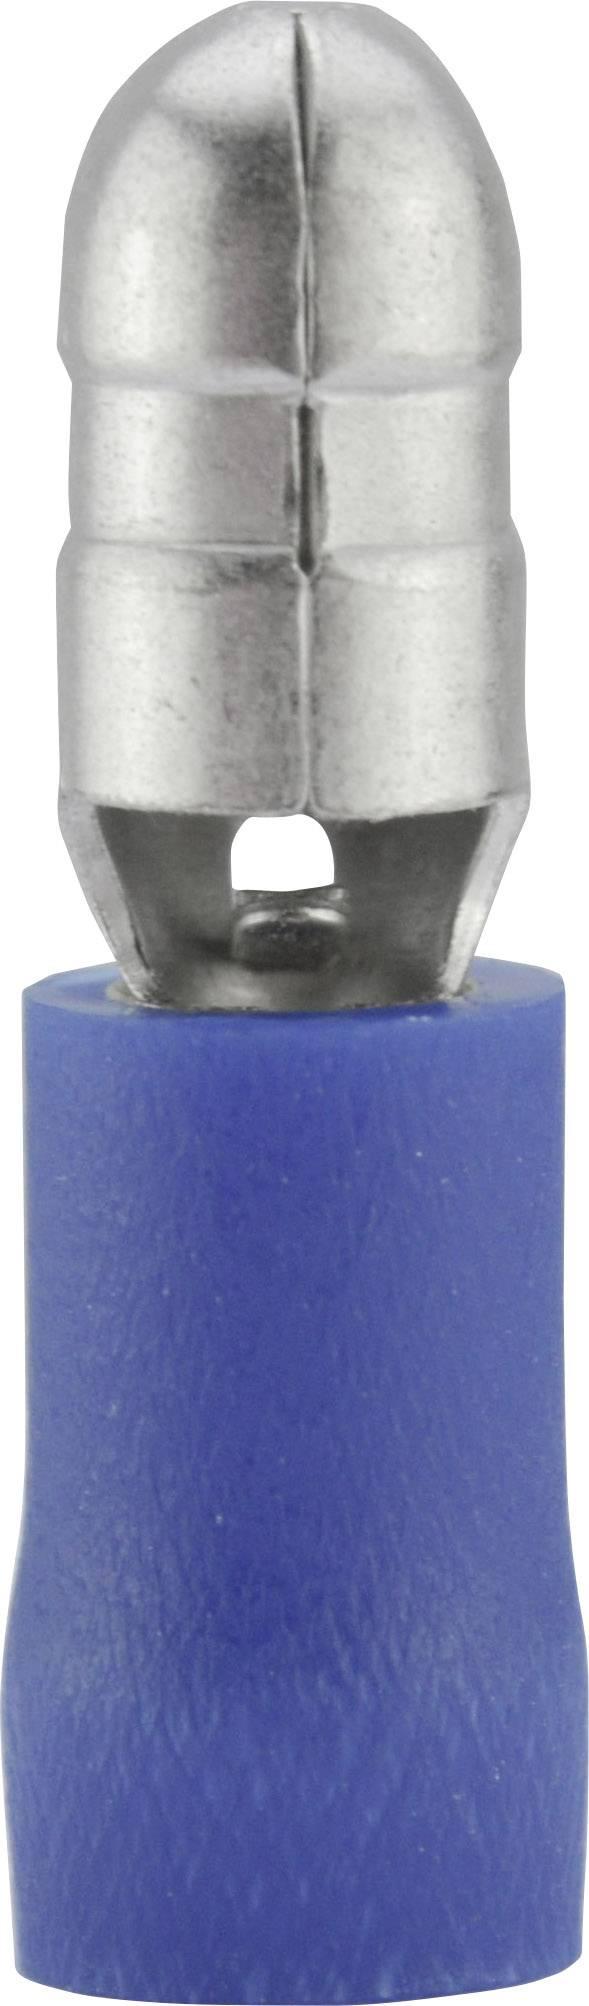 Guľatý faston Vogt Verbindungstechnik 3921, 1.50 - 2.50 mm², Ø hrotu: 5 mm, čiastočne izolované, modrá, 1 ks